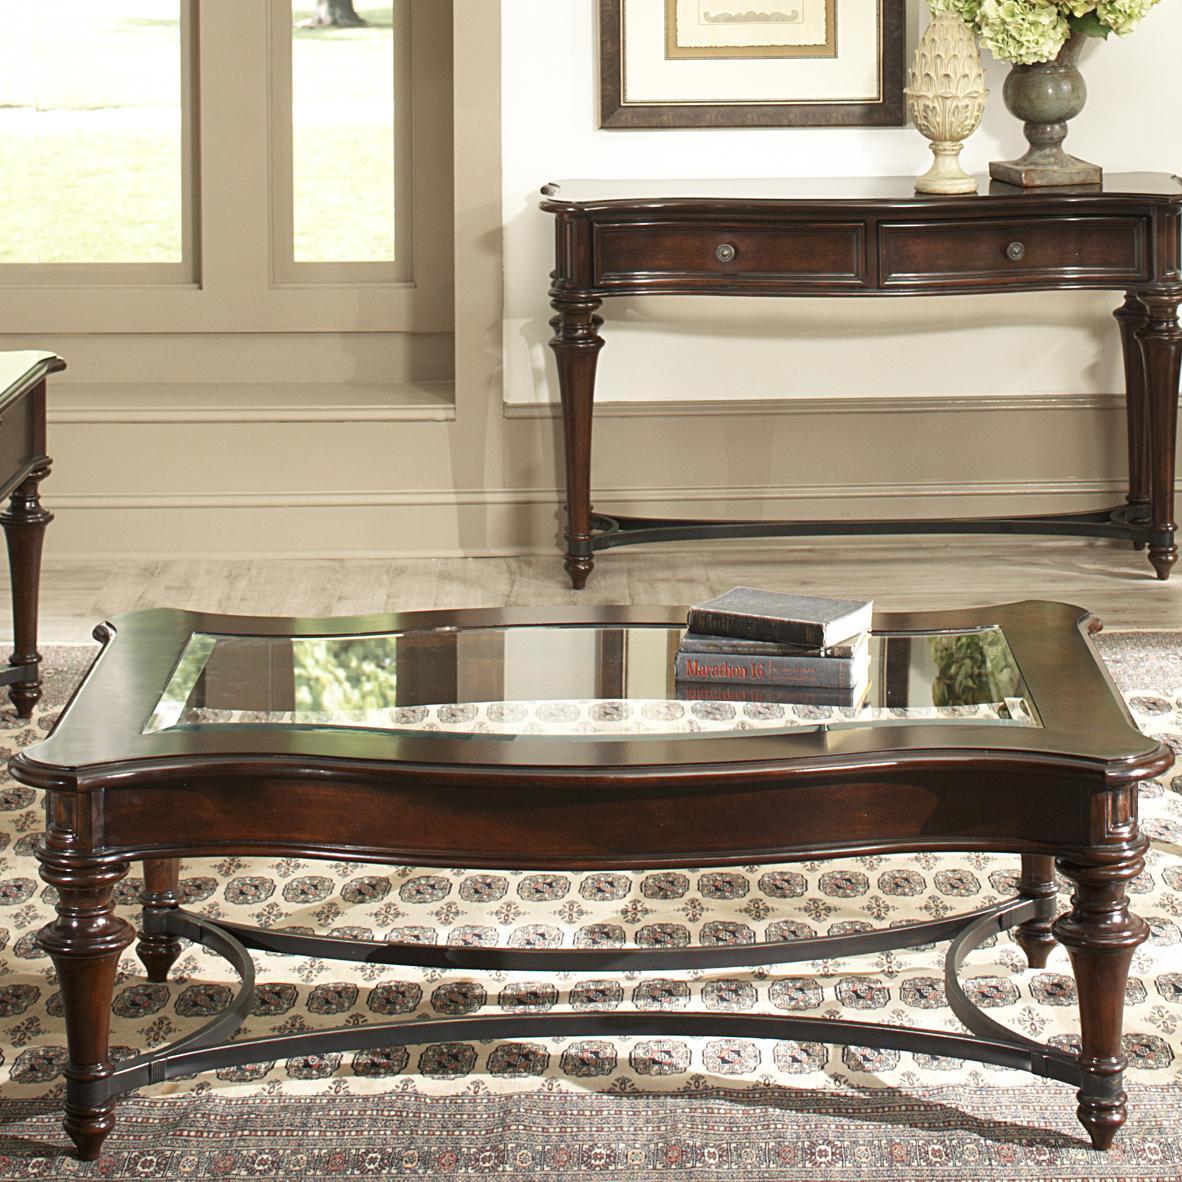 Liberty furniture kingston plantation 720 ot1010 for Furniture kingston